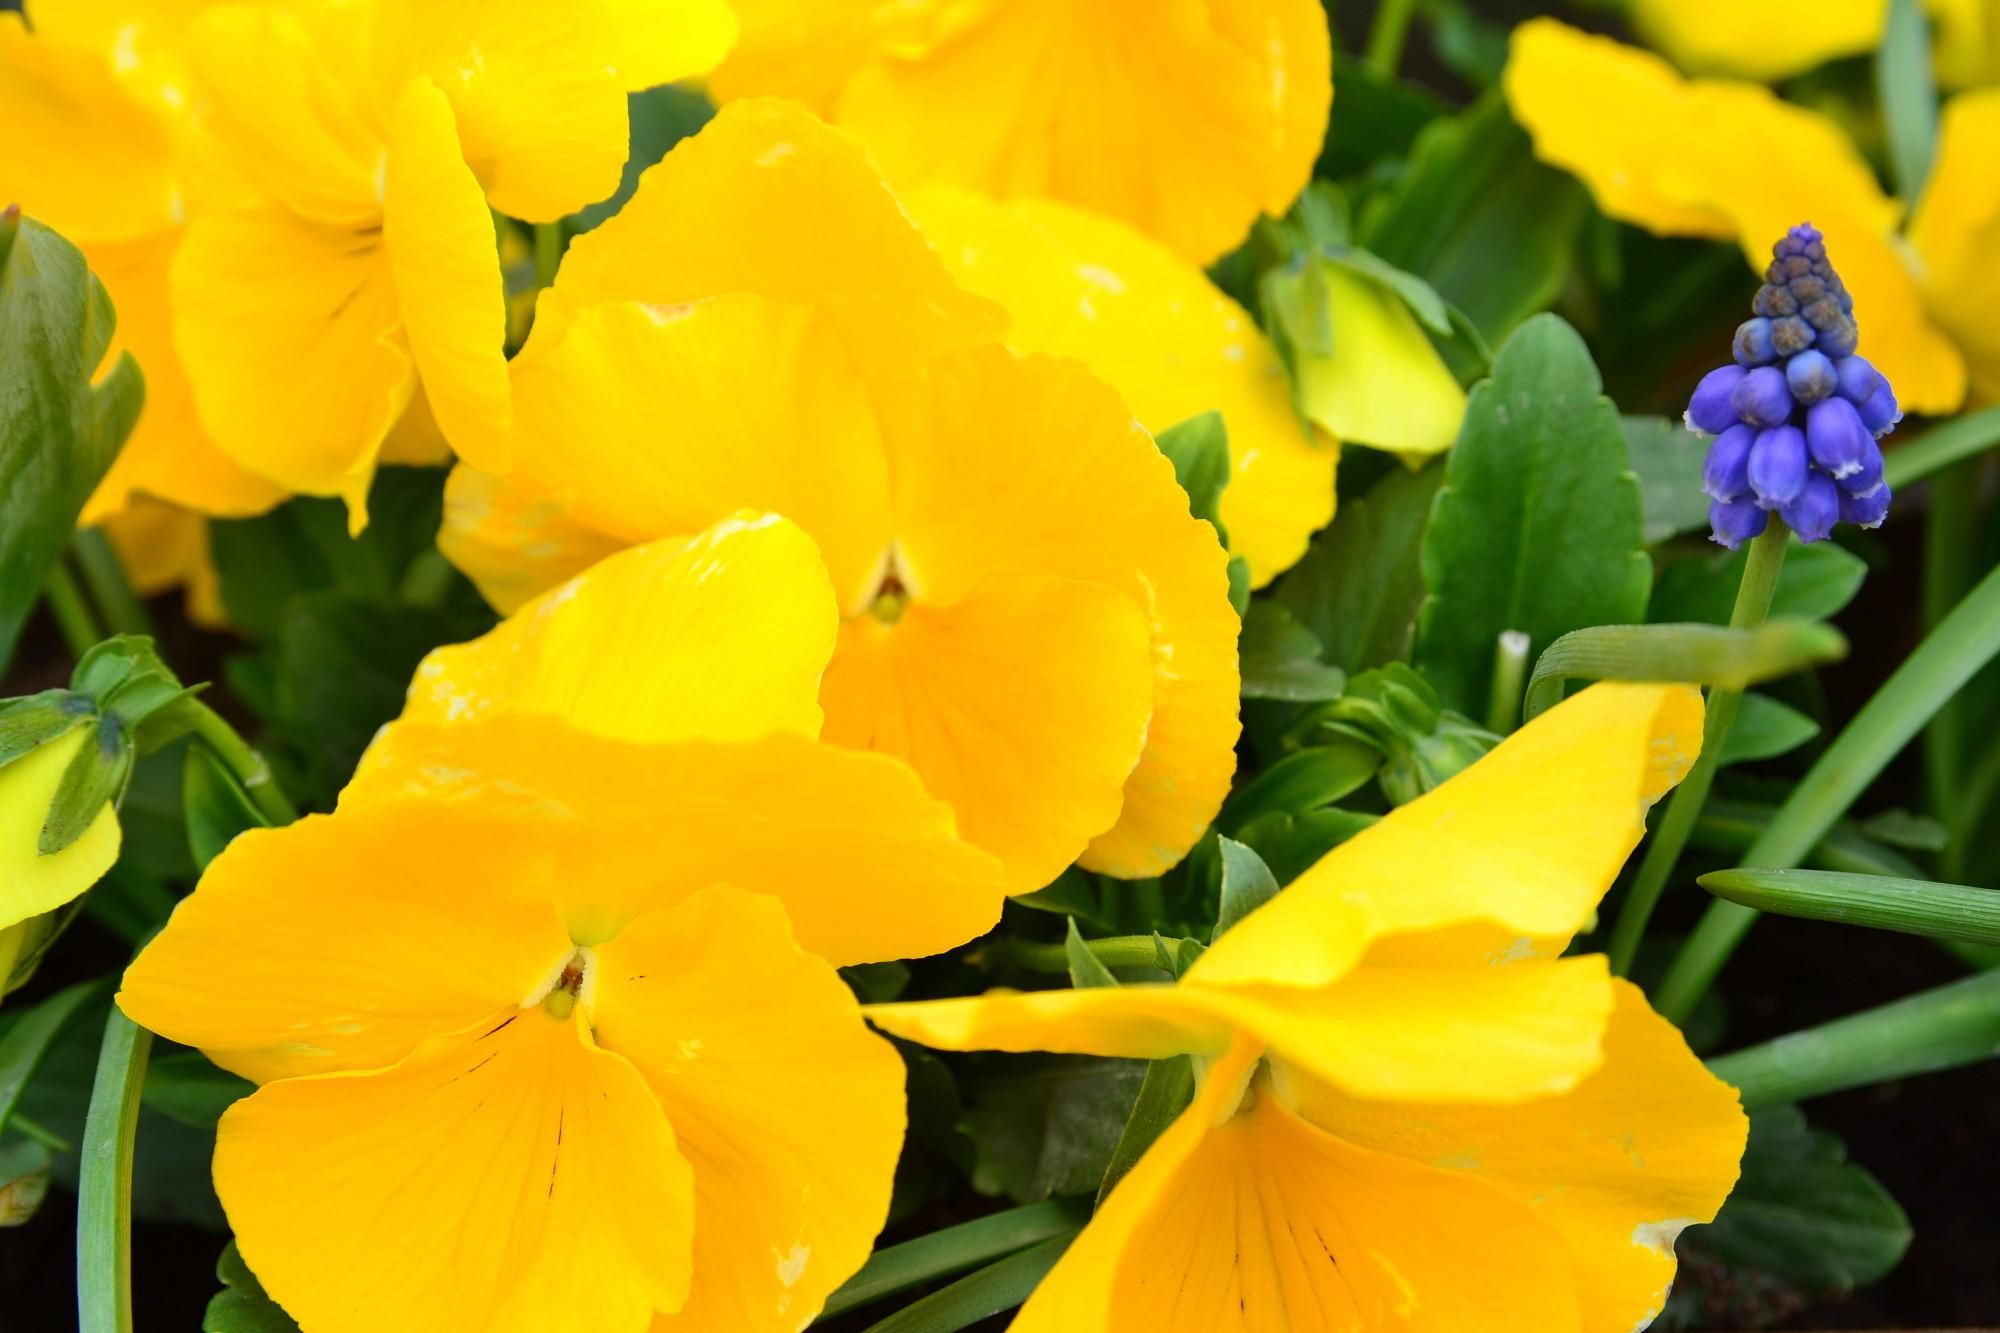 Iespējams, tirgo zagtus ziedus